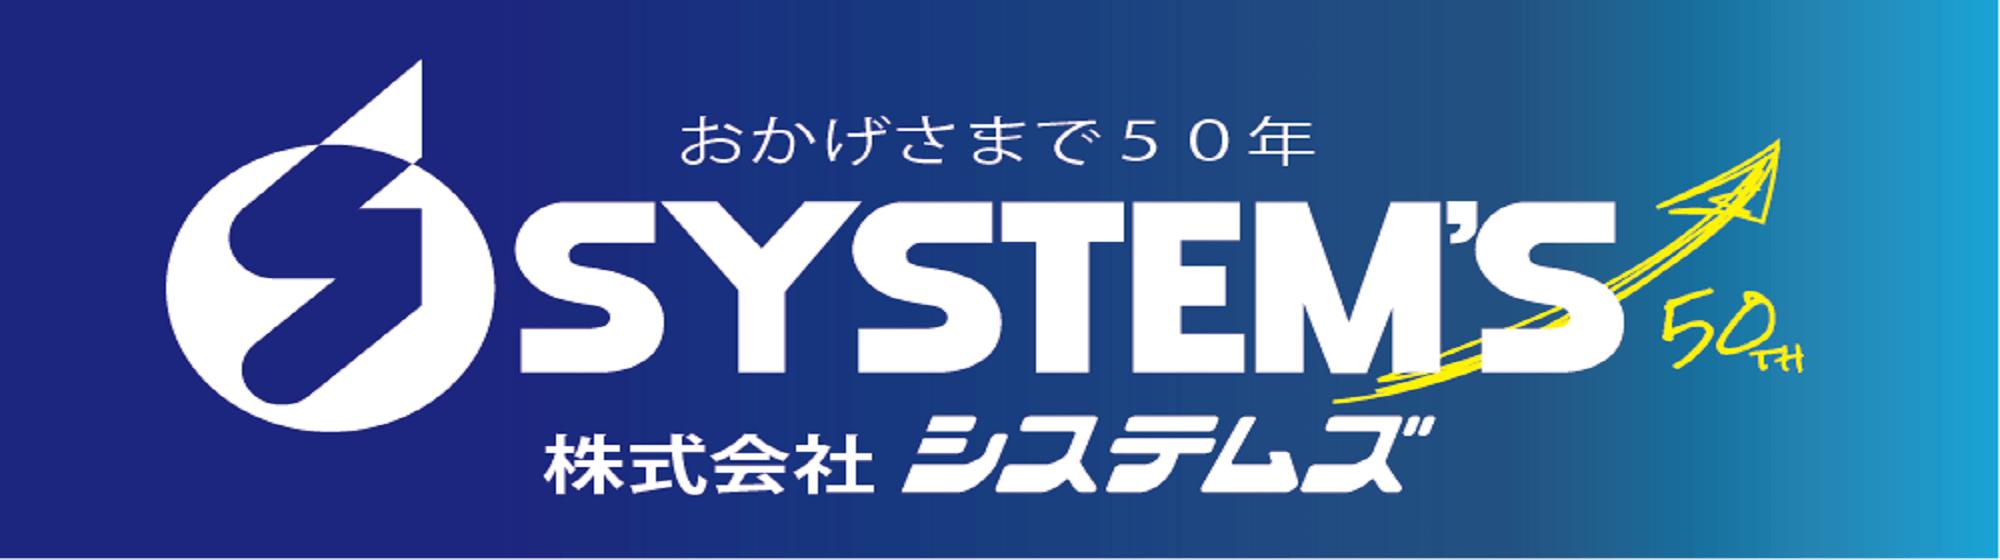 株式会社システムズ 50th記念サイト